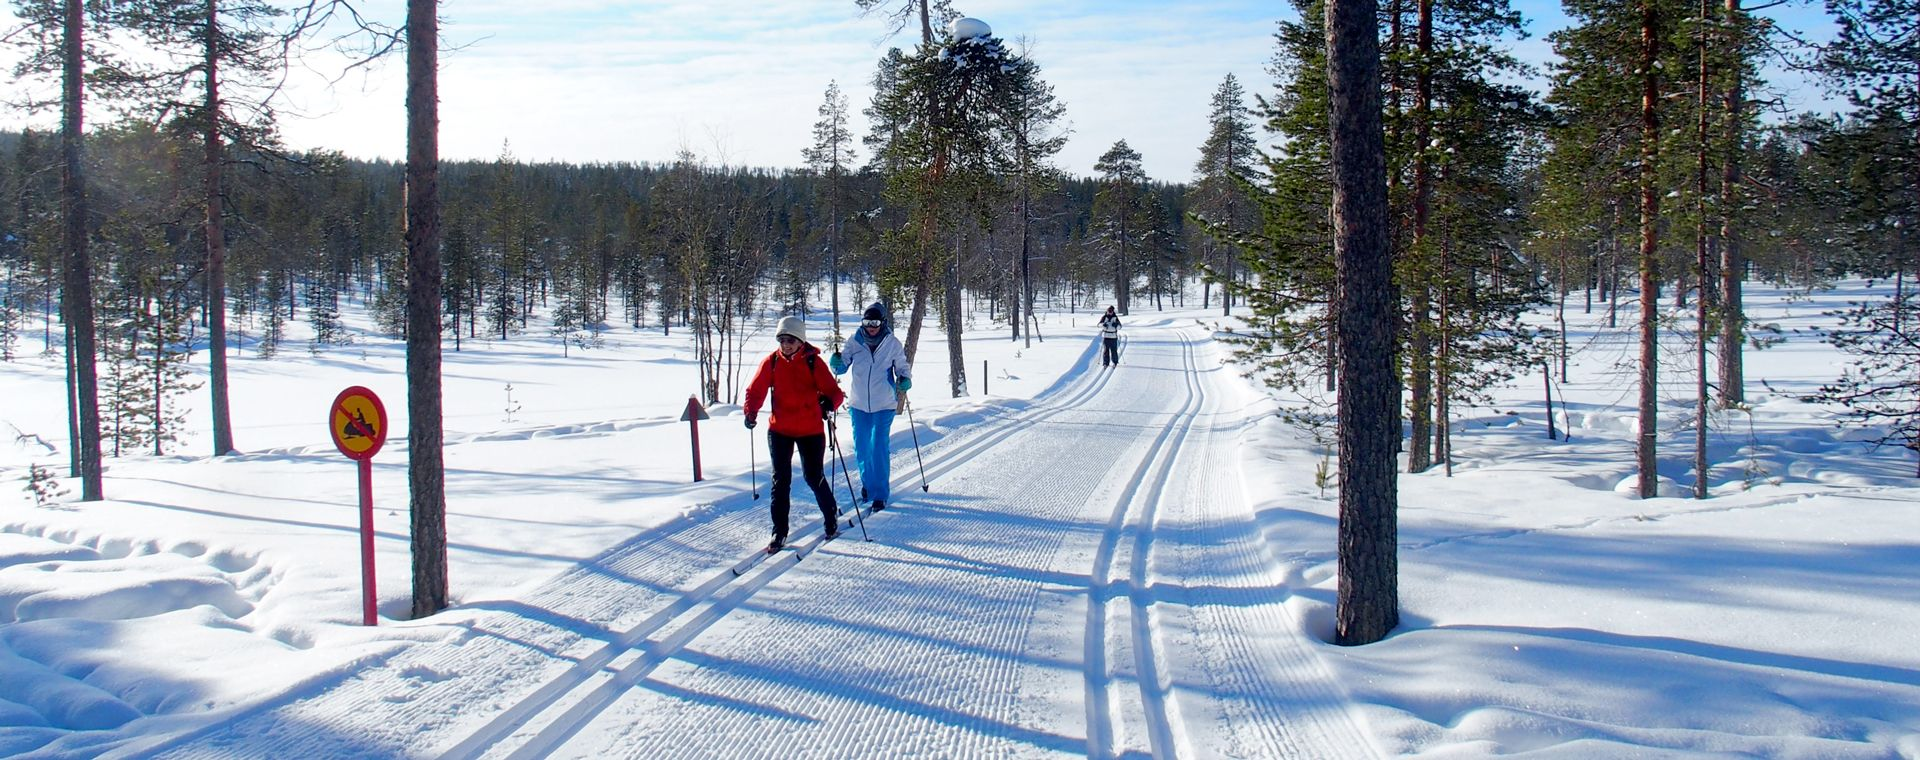 Image Laponie finlandaise : Kiilopää